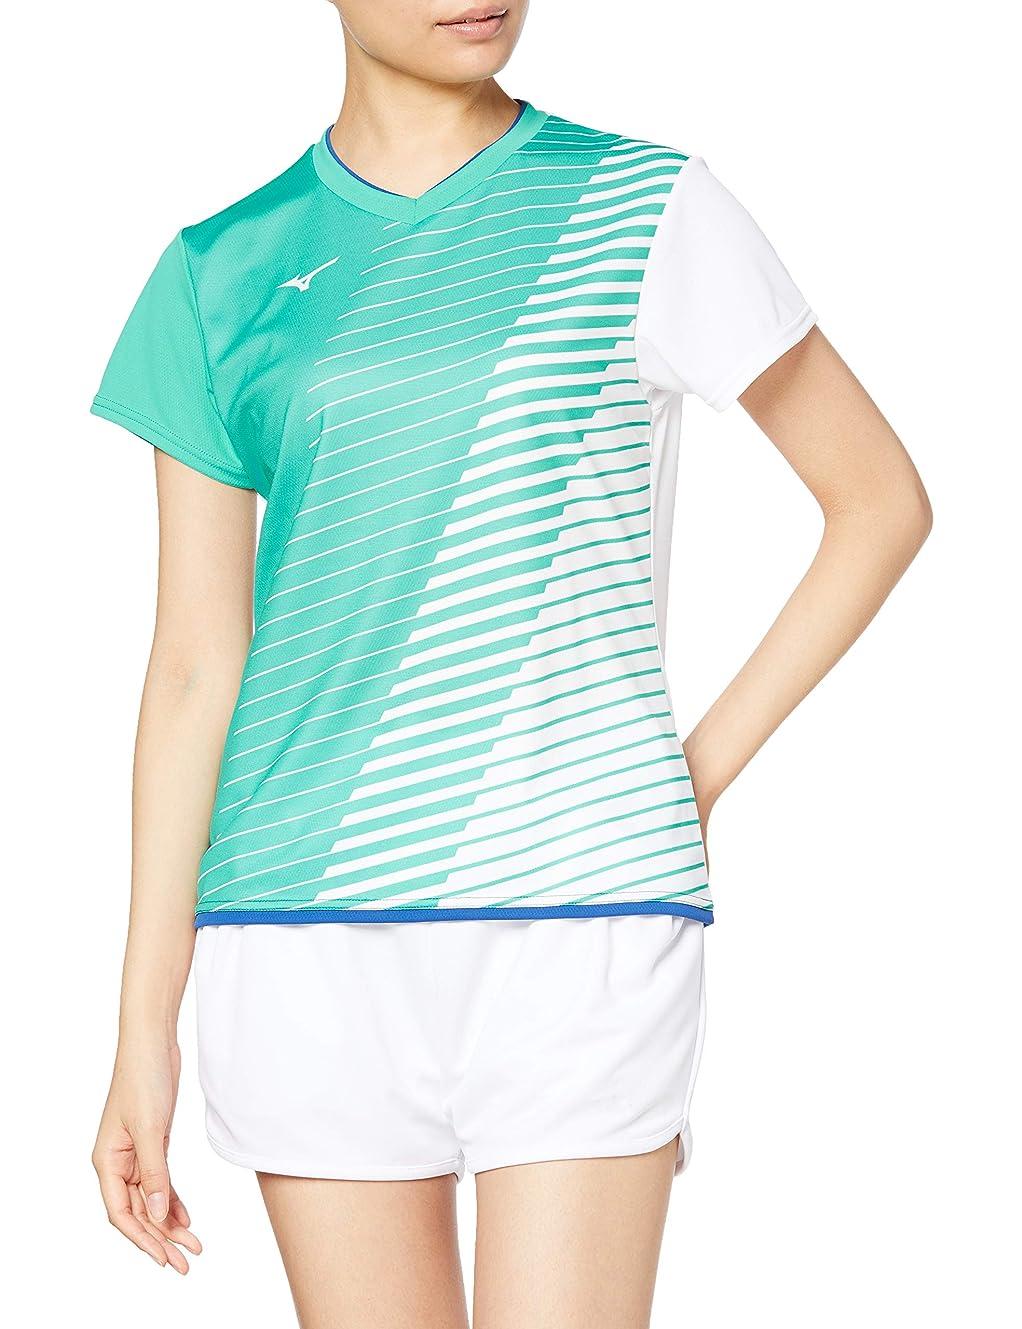 通貨偽物画面[ミズノ] バドミントンウェア ゲームシャツ 半袖 72MA0221 レディース